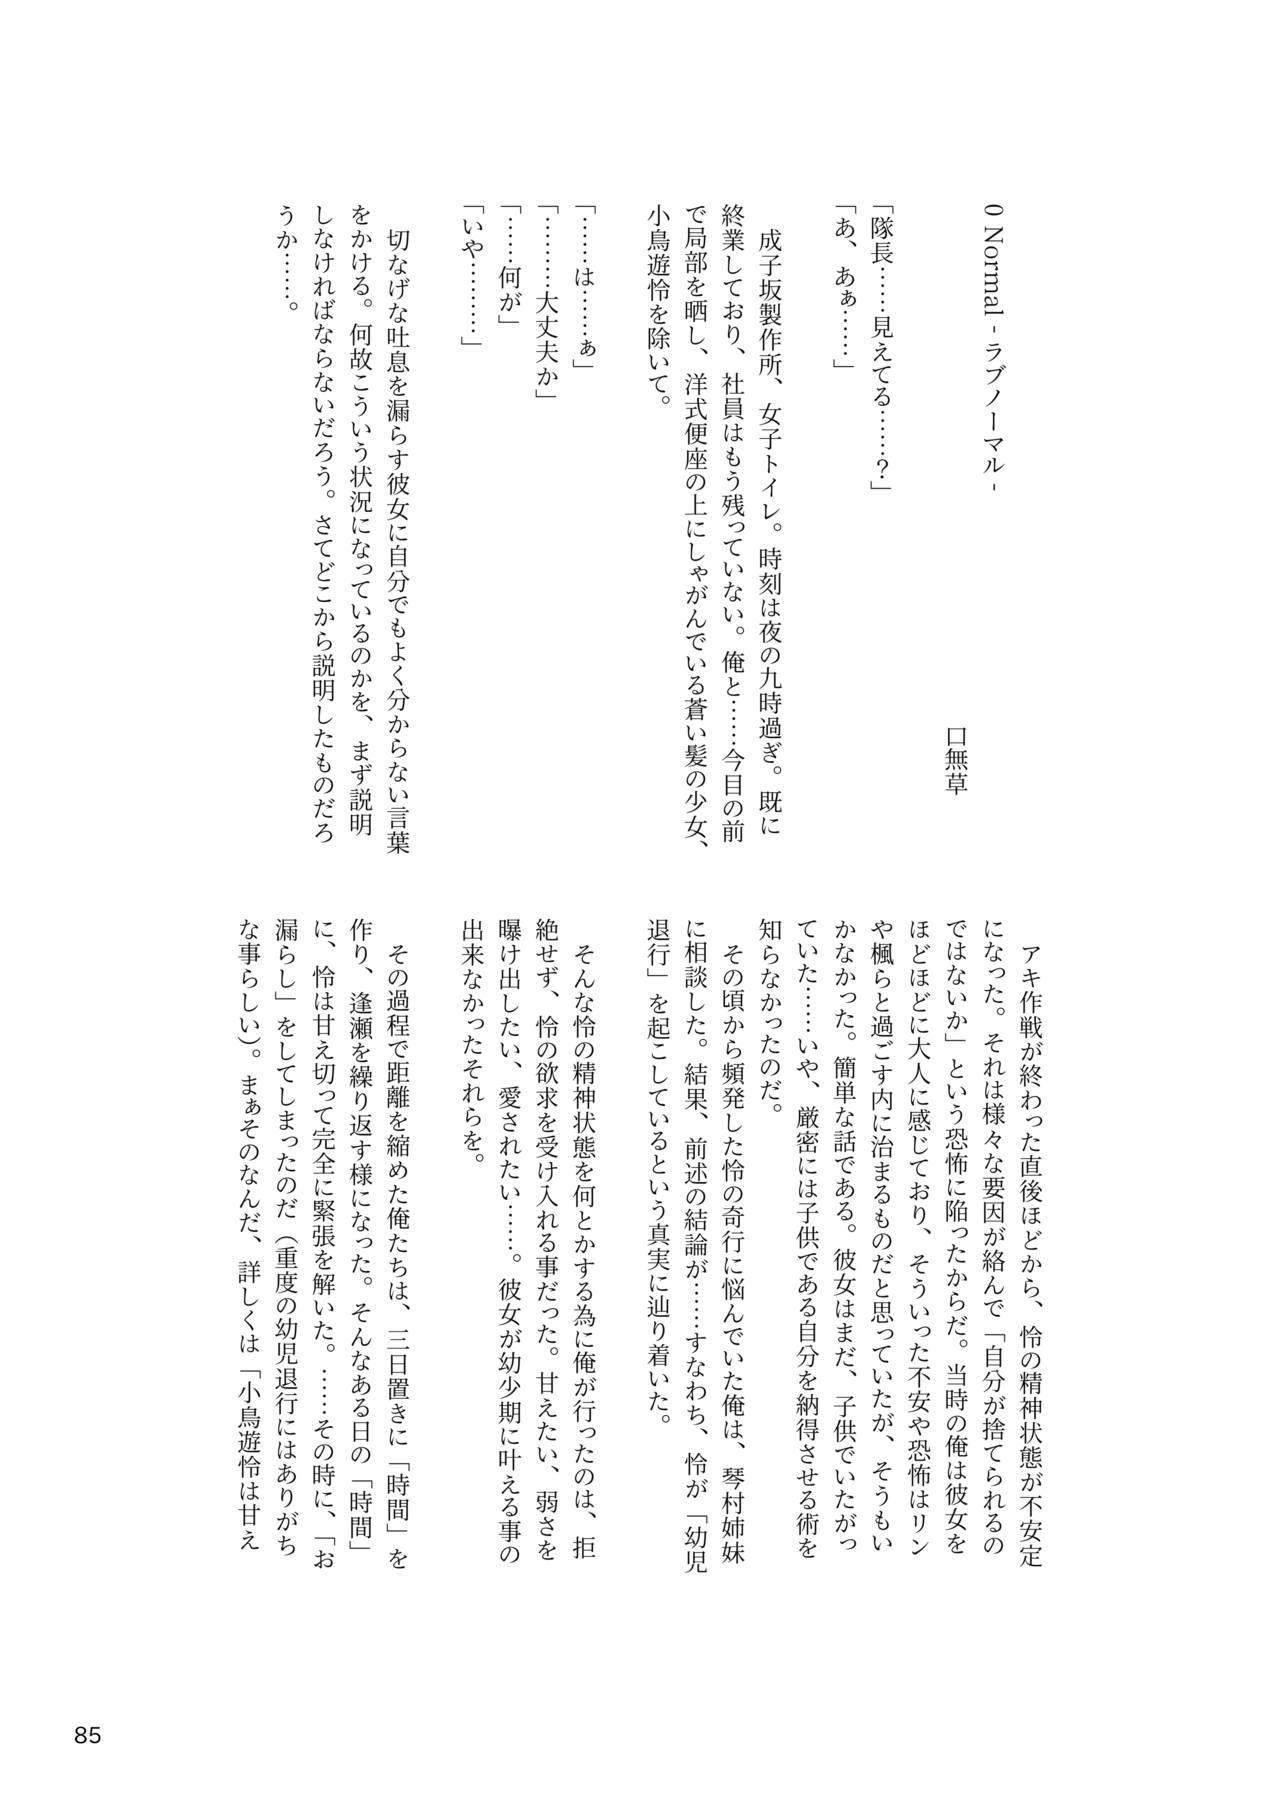 ア○スギア総合スカトロアンソロジー アクトレス排泄実態調査任務~スカポためるっすか!?~ 84